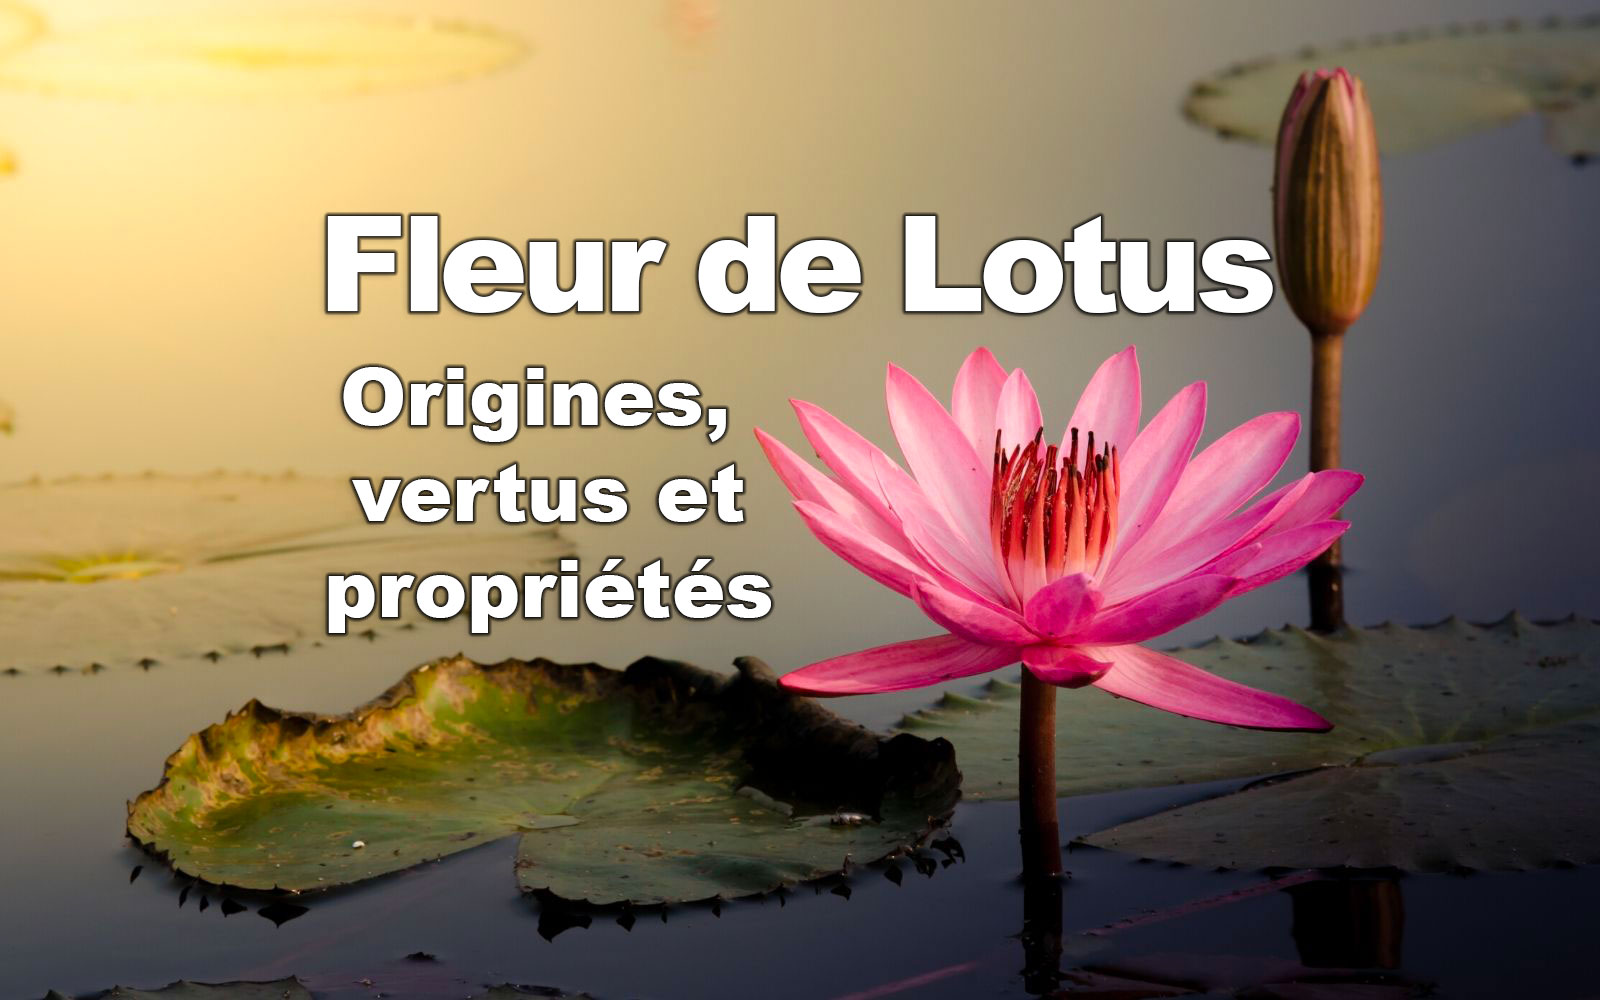 Fleur de Lotus origines, vertus et propriétés